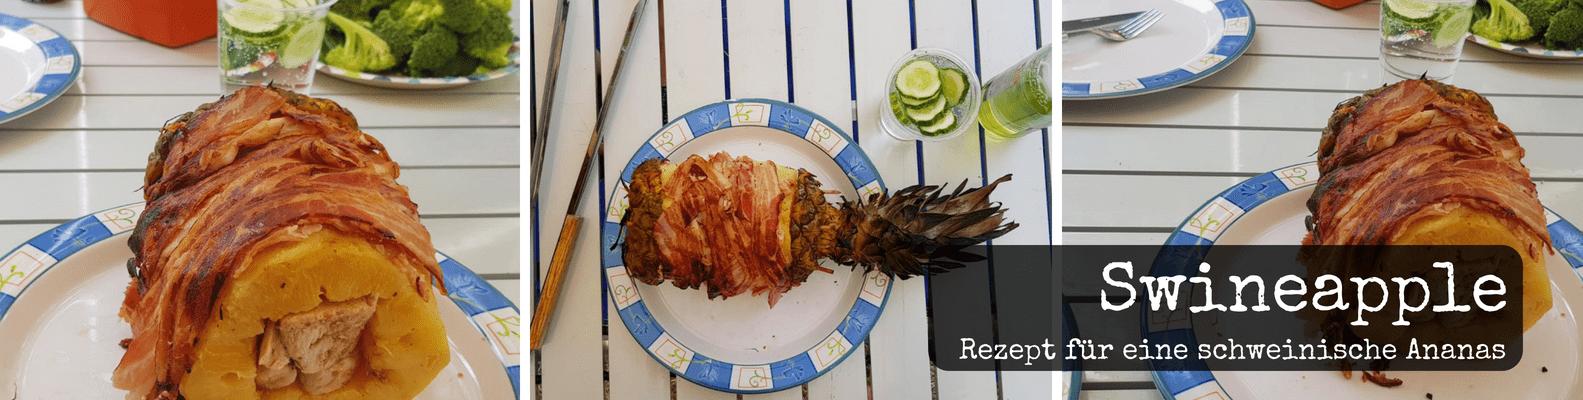 Swineapple - Eine schweinische Ananas